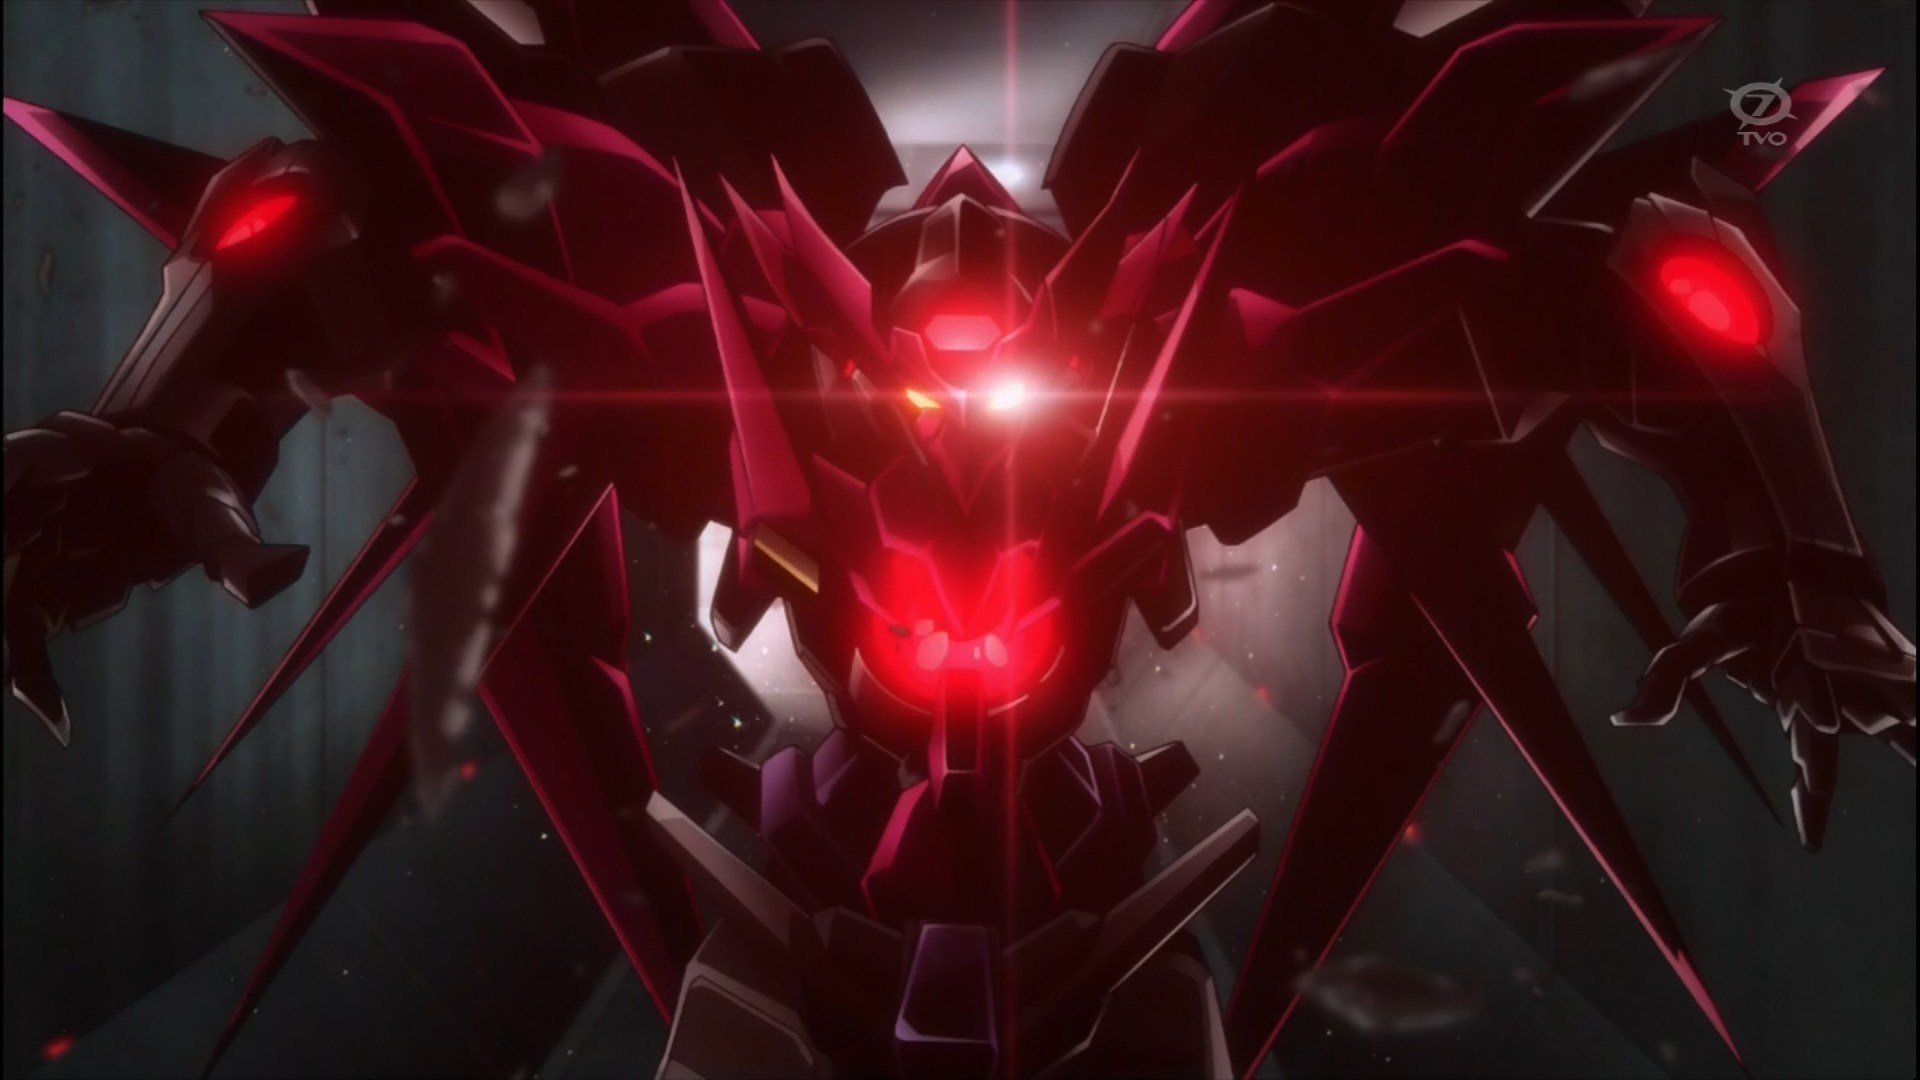 Gundam Exia Dark Matter Wallpaper 4384 Wallpaper Themes 1920x1080